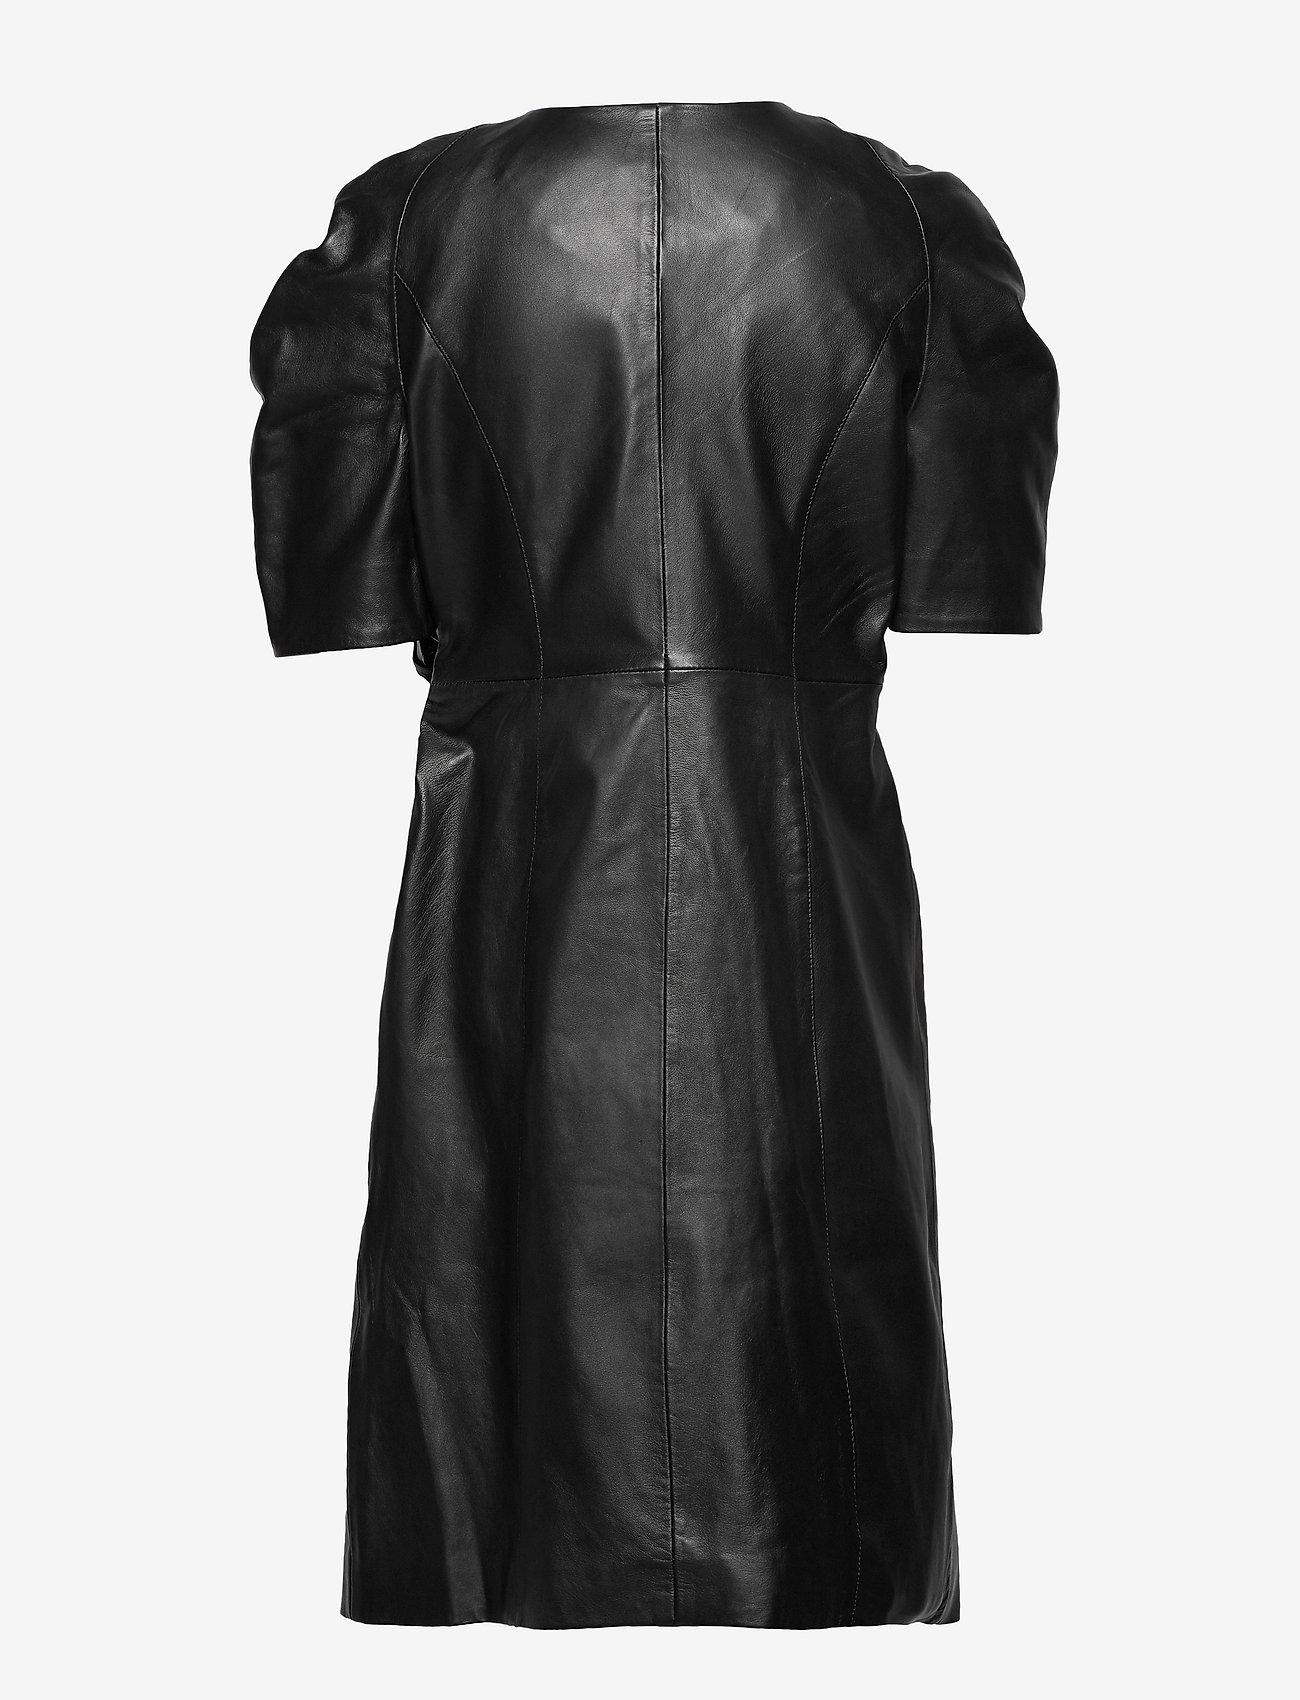 Yas Yassaima Ss Leather Dress Ft - Dresses